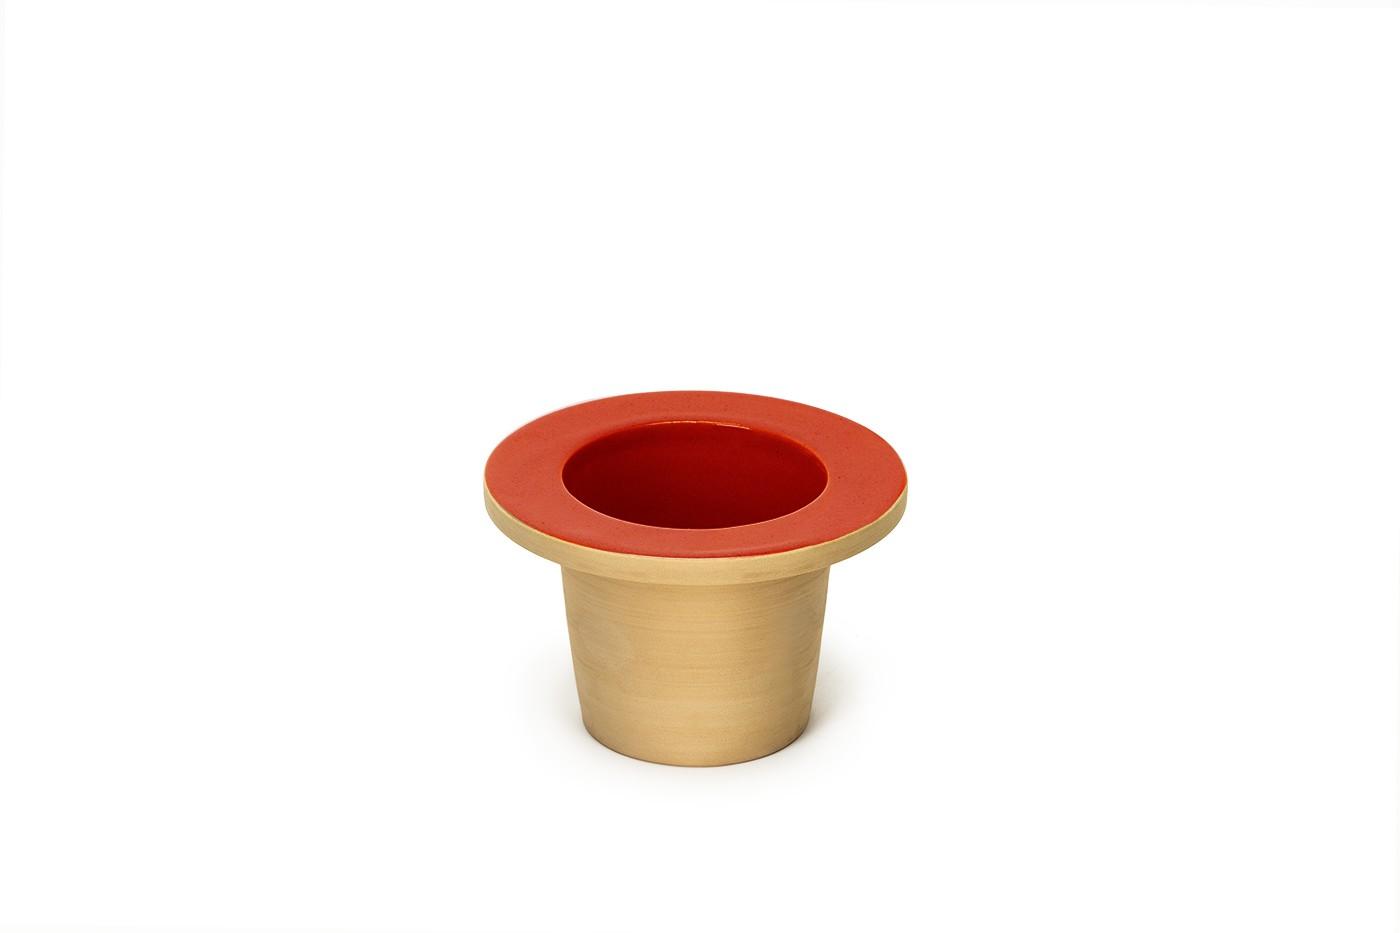 POFI Pofi flower pot